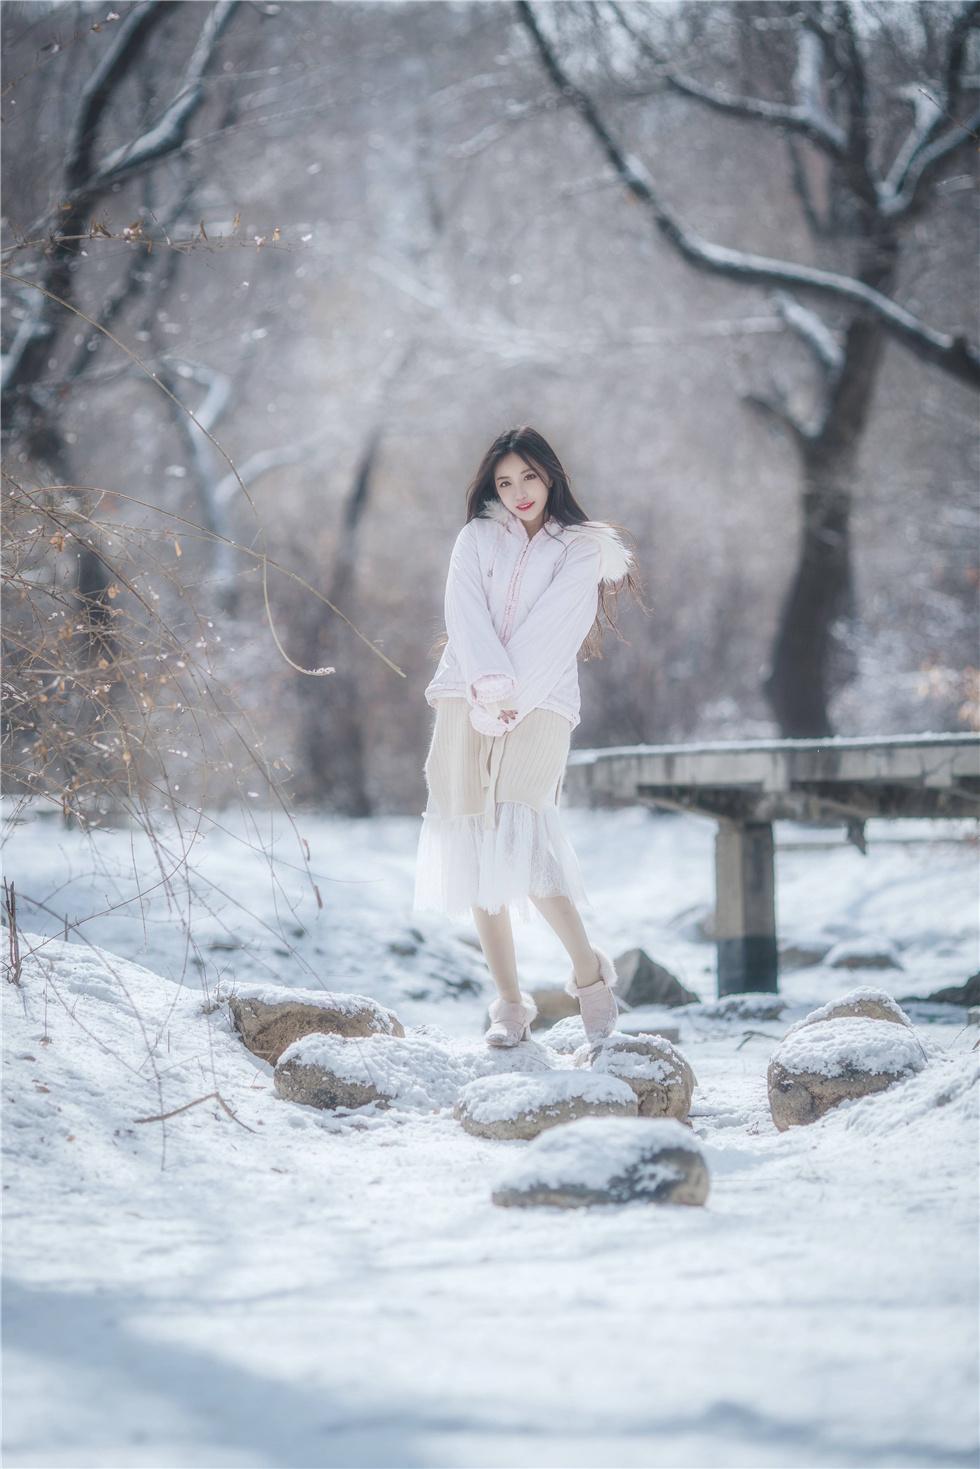 冬日里令你动容的精灵少女,第2张